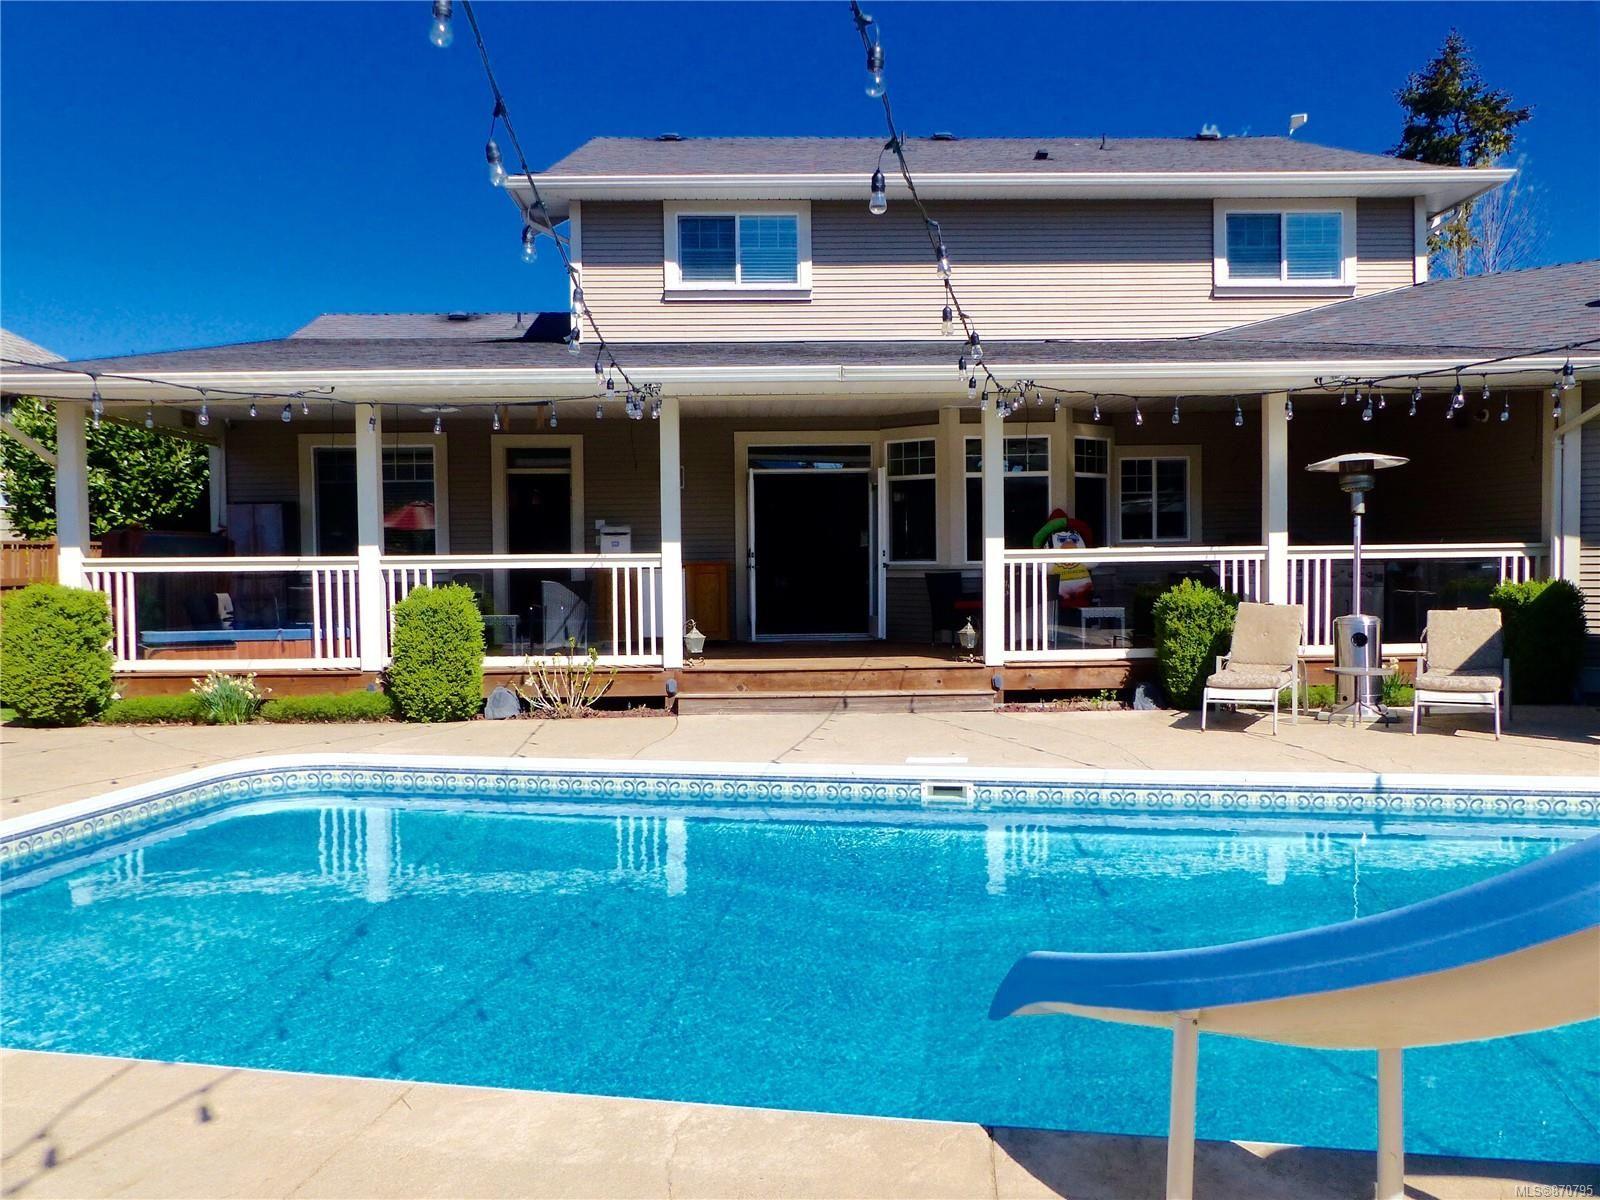 Main Photo: 3319 Savannah Pl in : Na North Jingle Pot House for sale (Nanaimo)  : MLS®# 870795